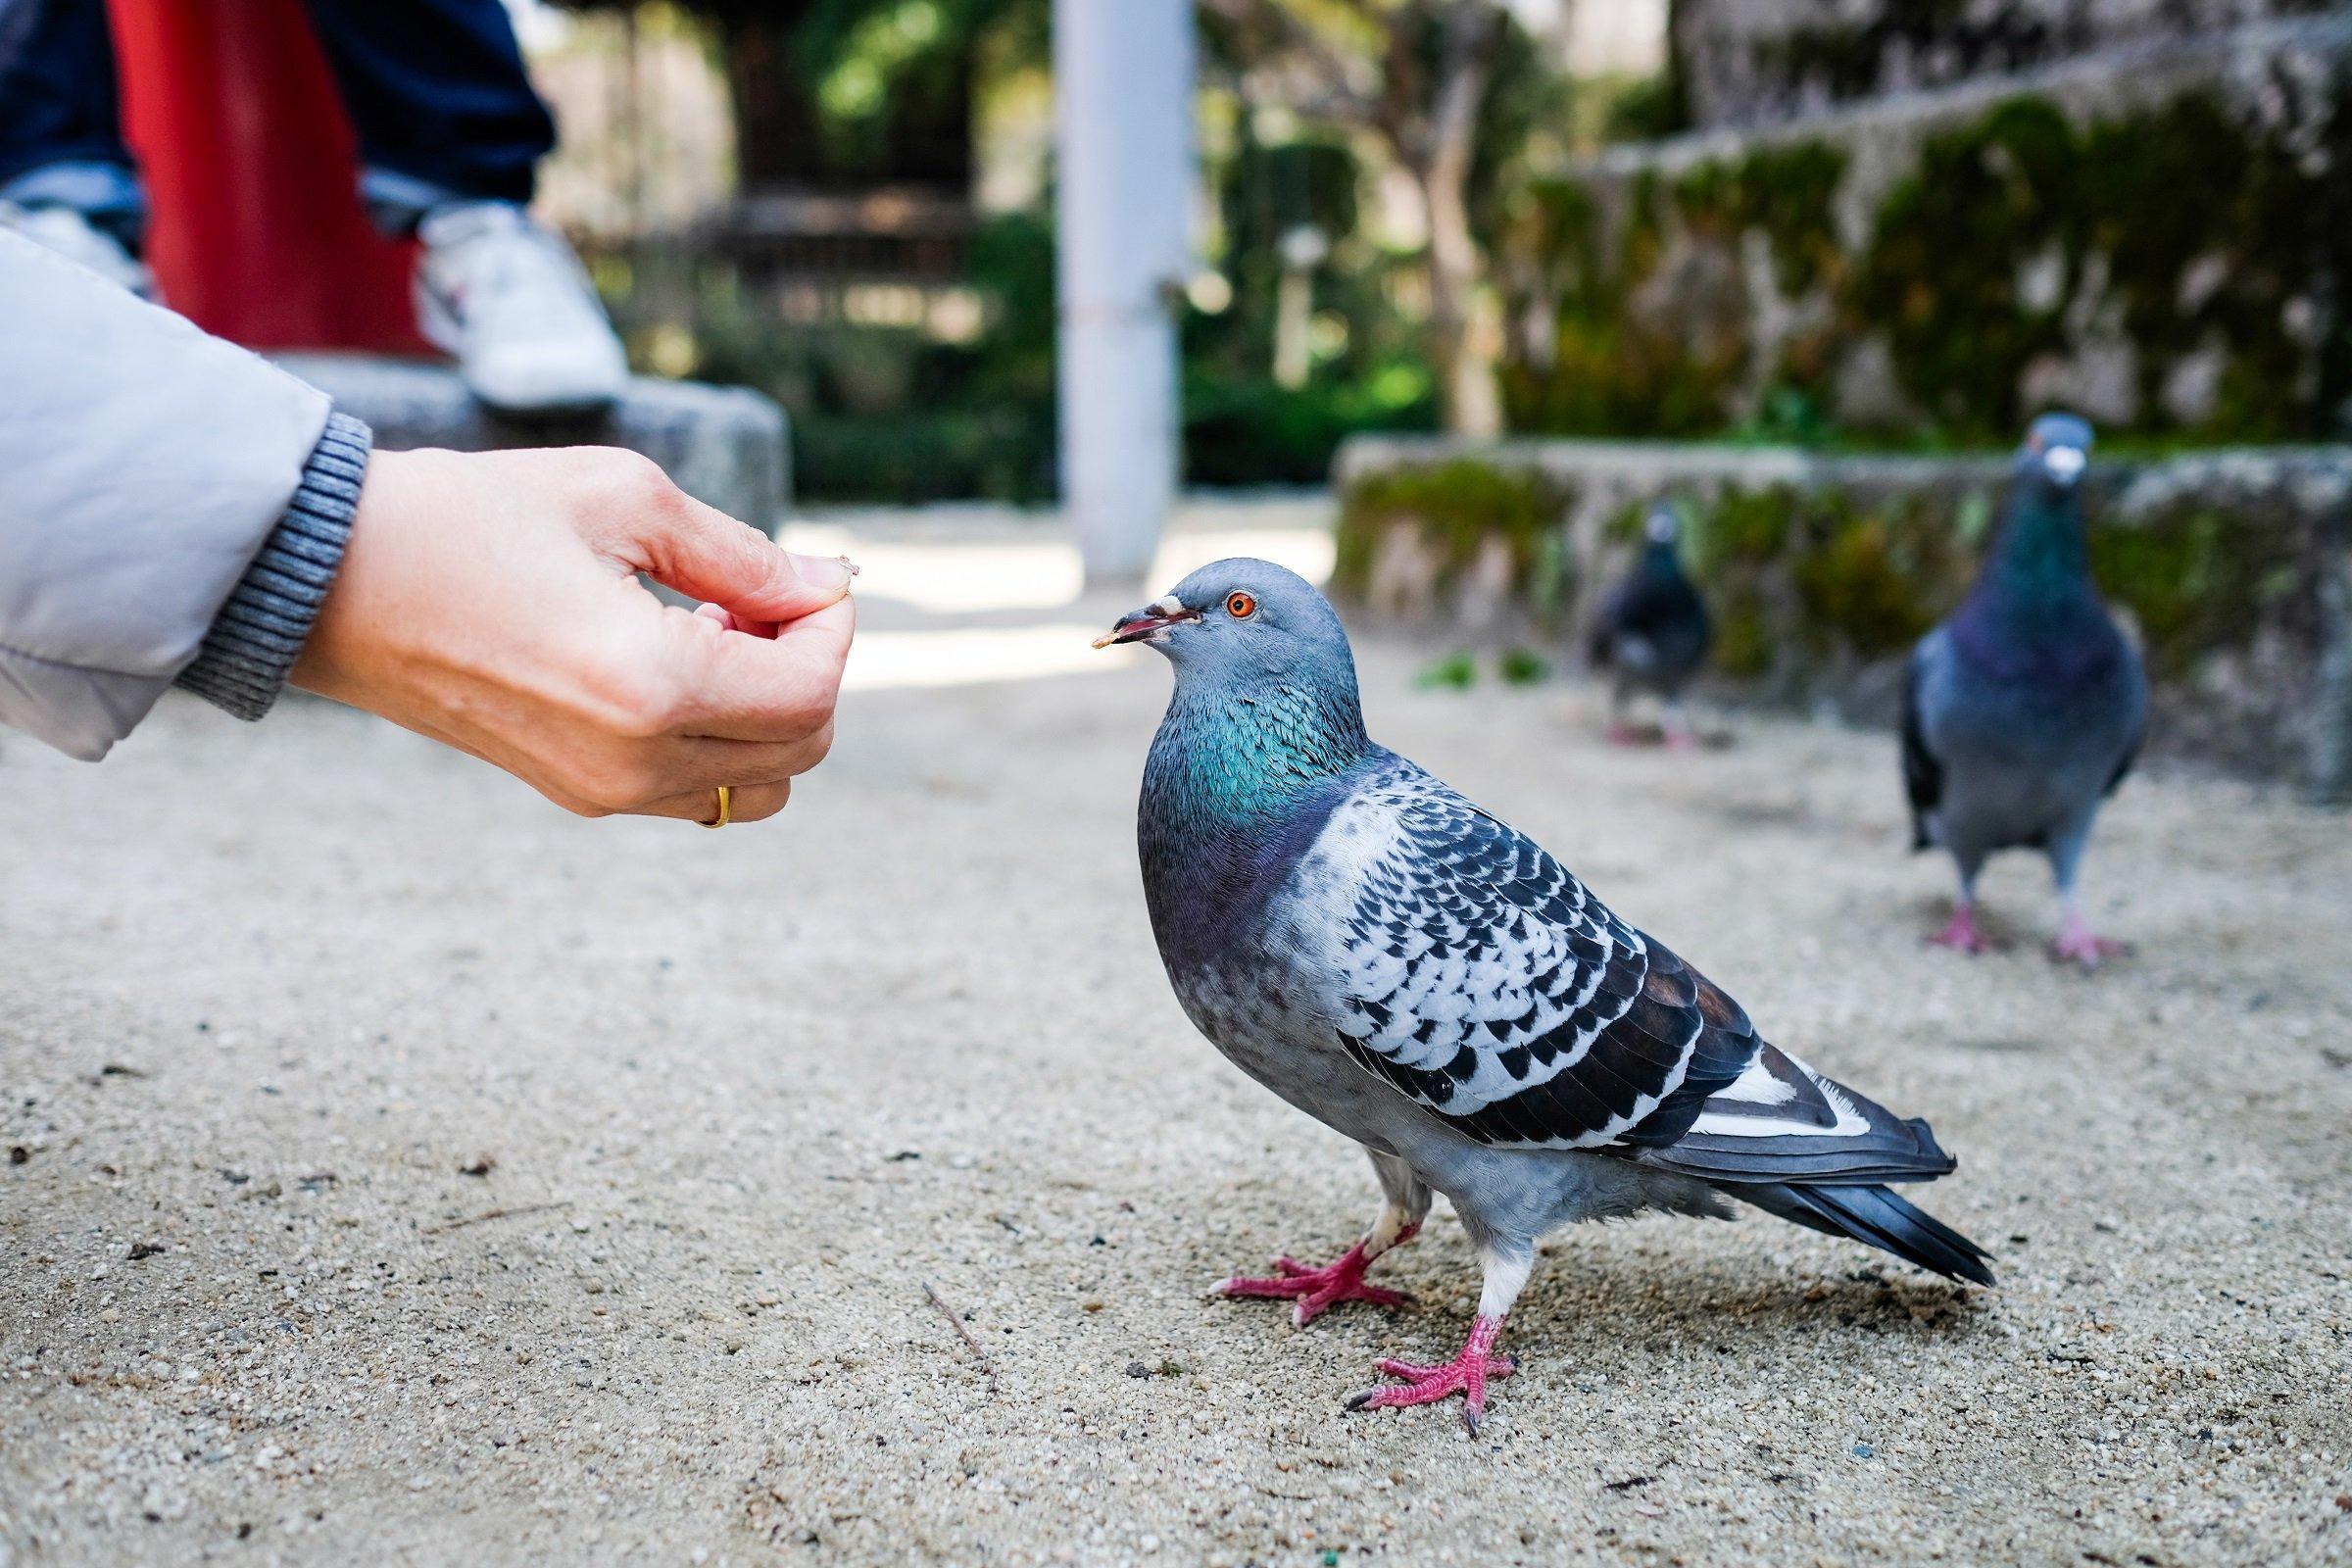 Persona alimenta a paloma    Fuente: Shutterstock